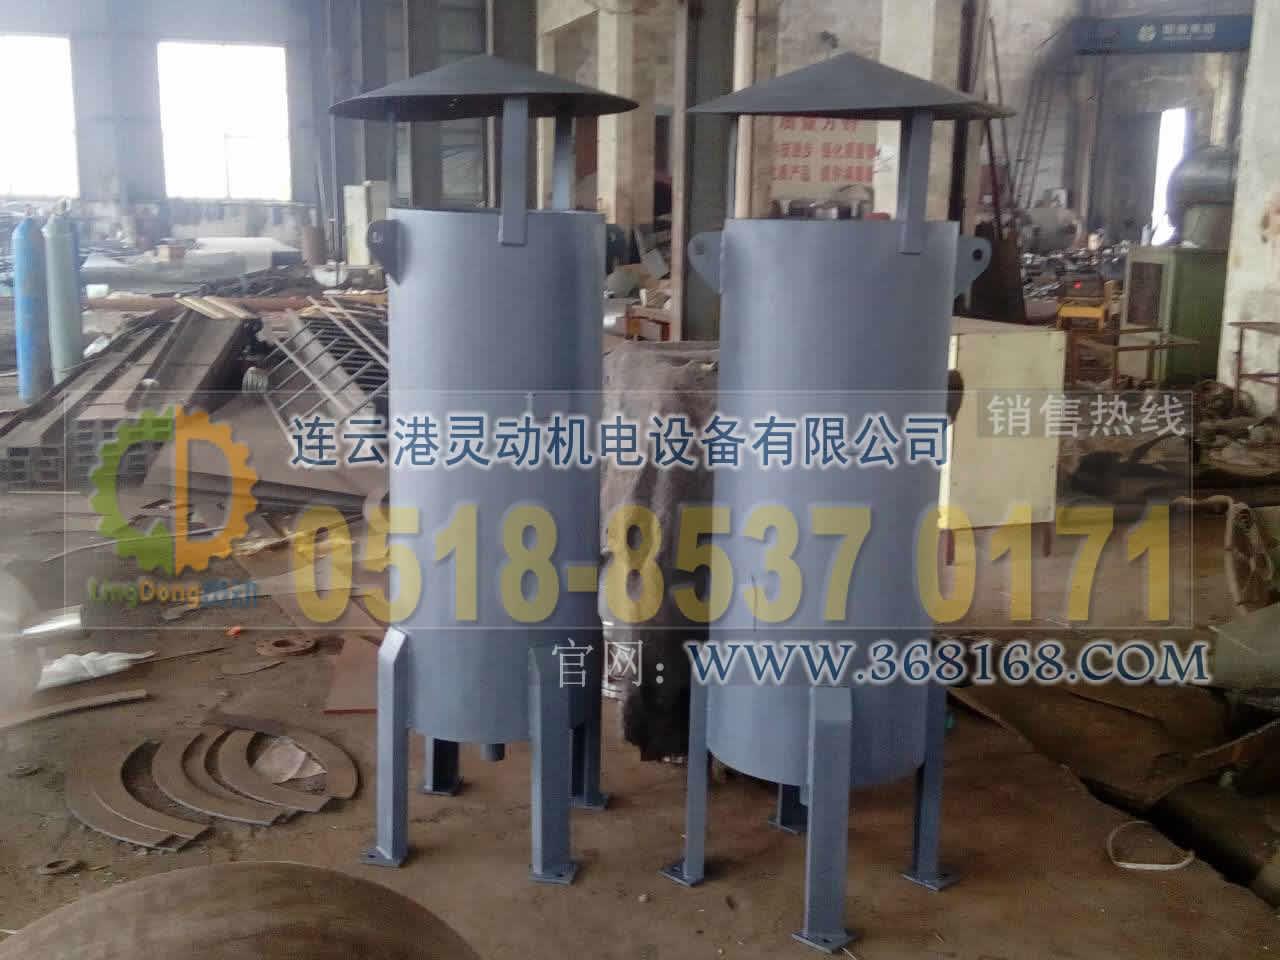 排气蒸汽消声器生产厂家